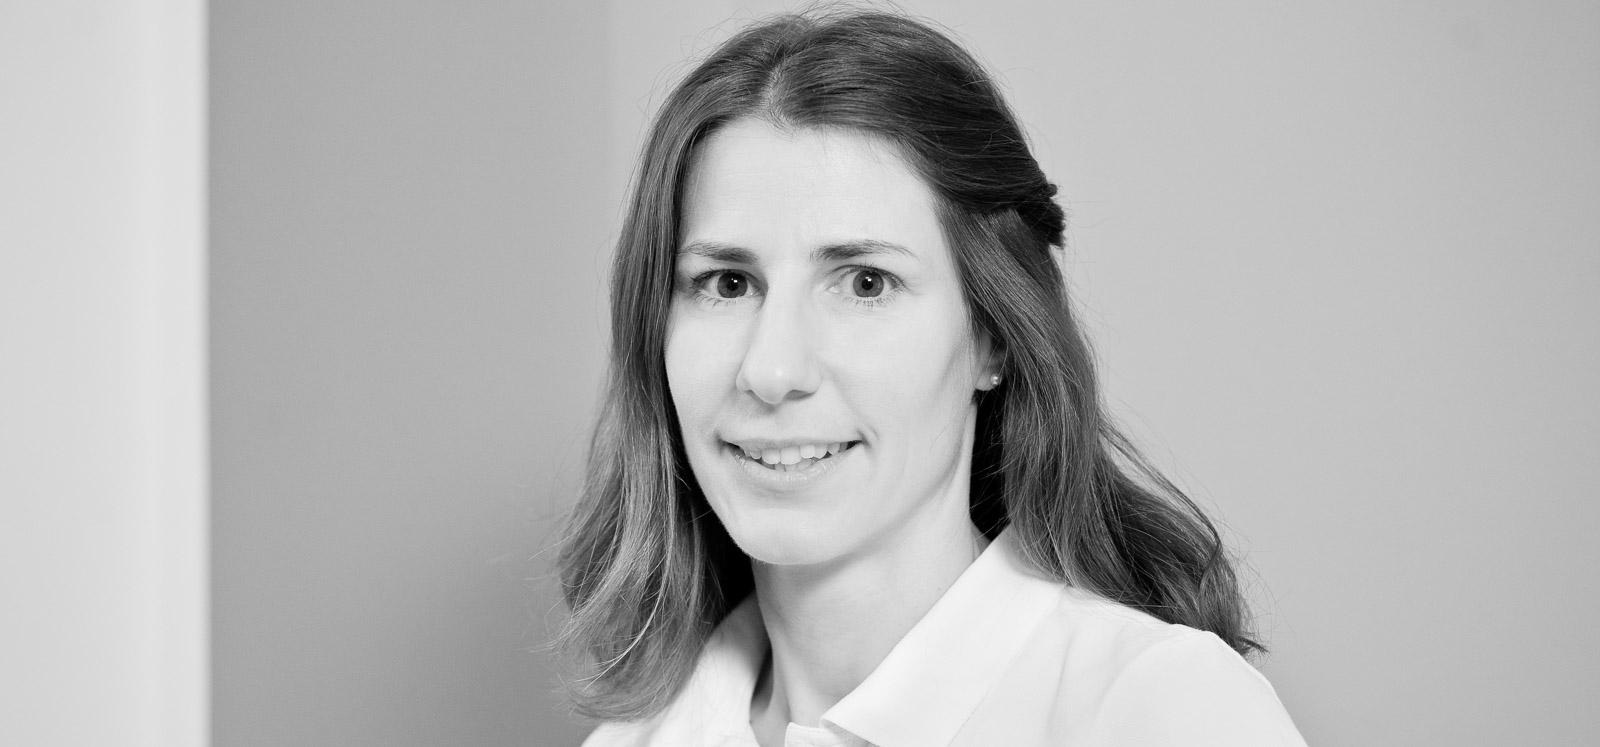 Katja_Henkenjohann_Osteopathie_bearbeitet-5